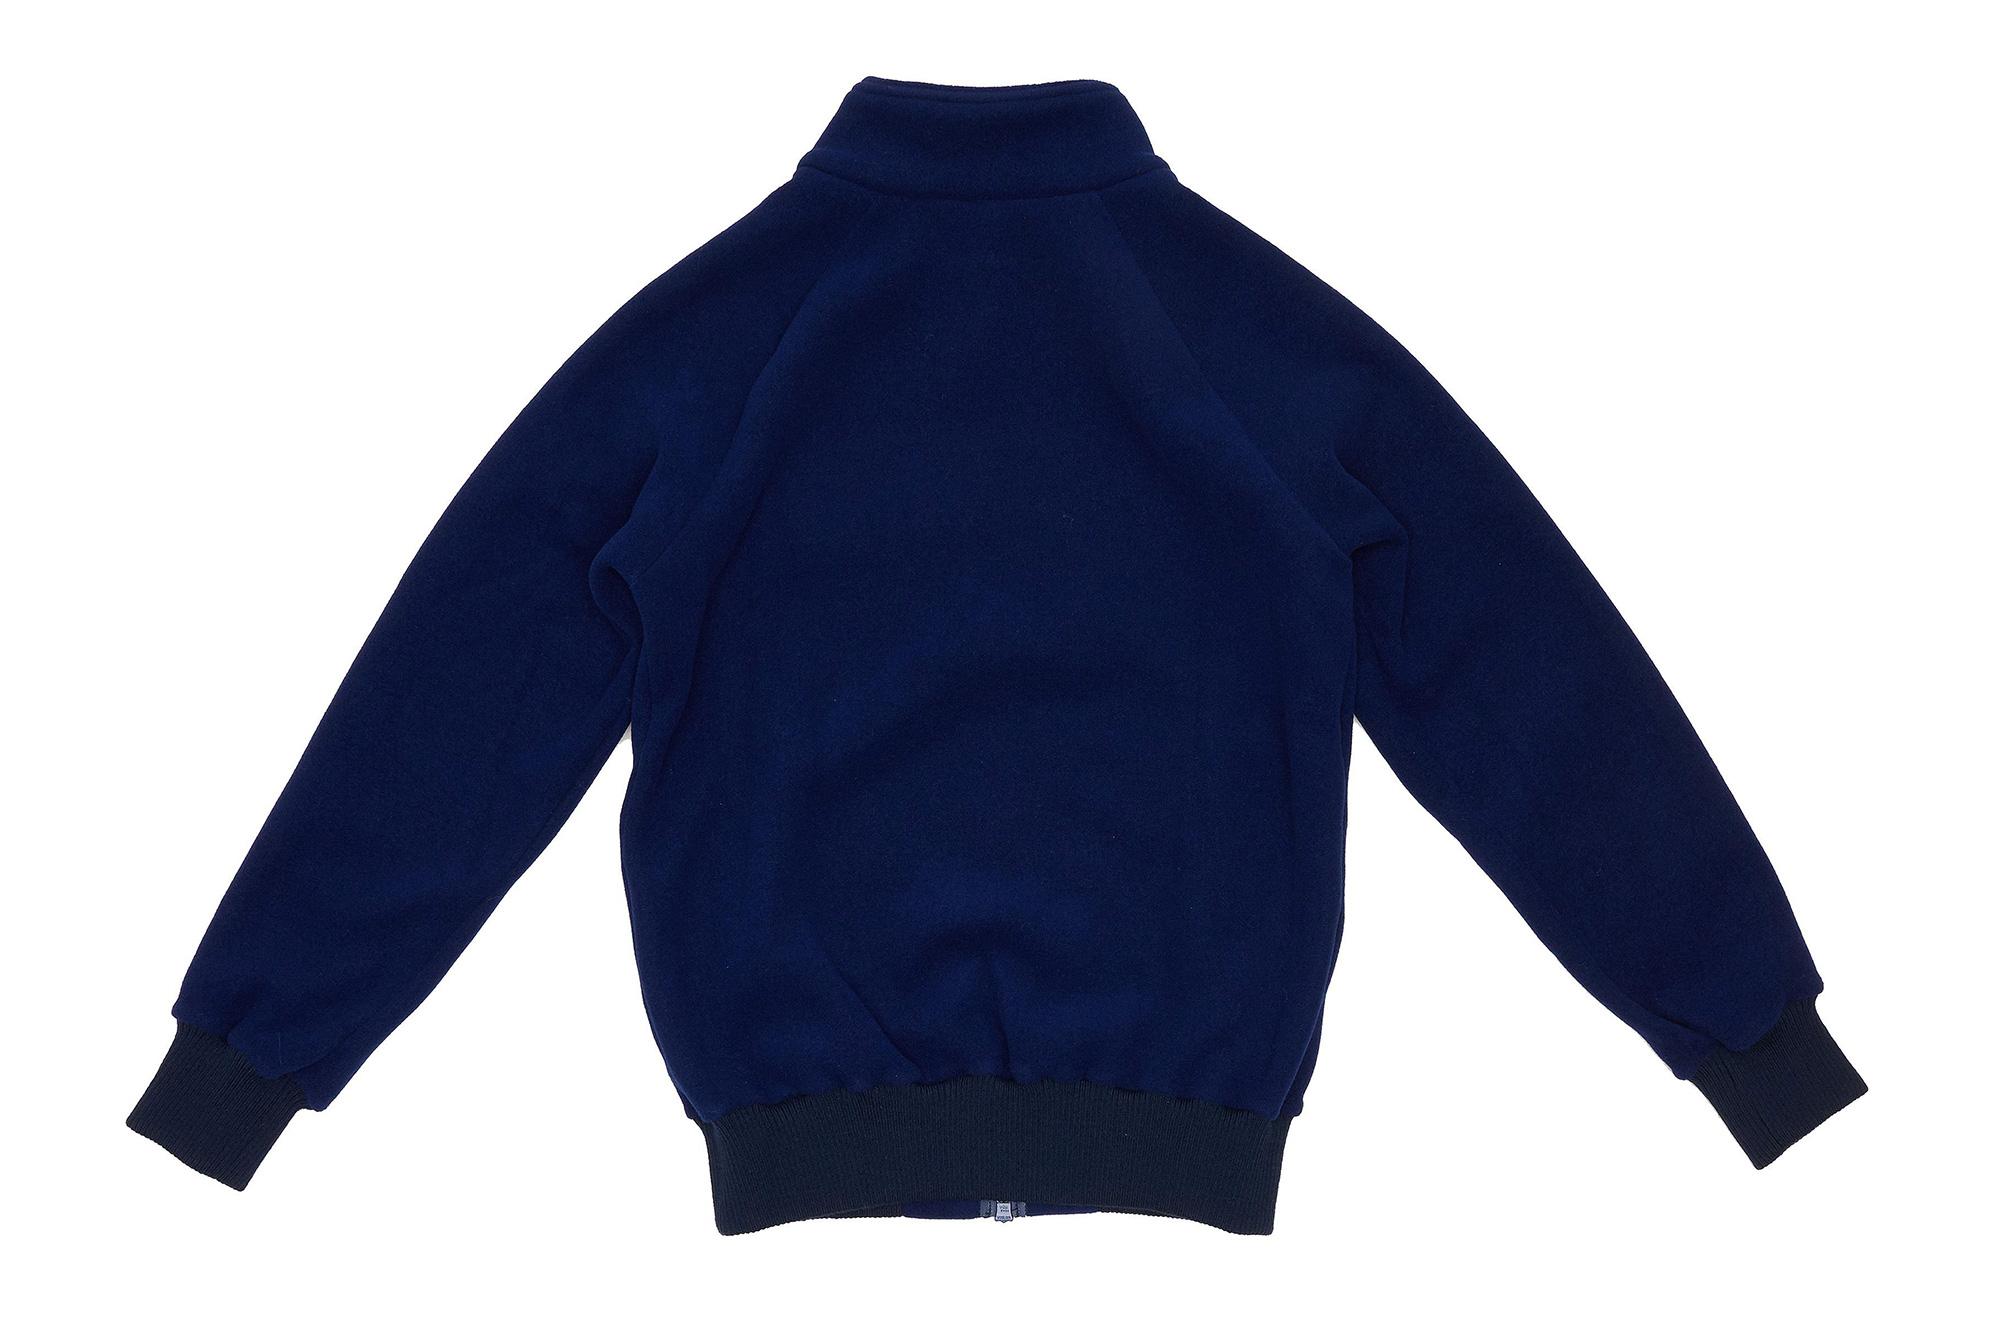 Get Toasty in Battenwear's Warm-Up Fleece